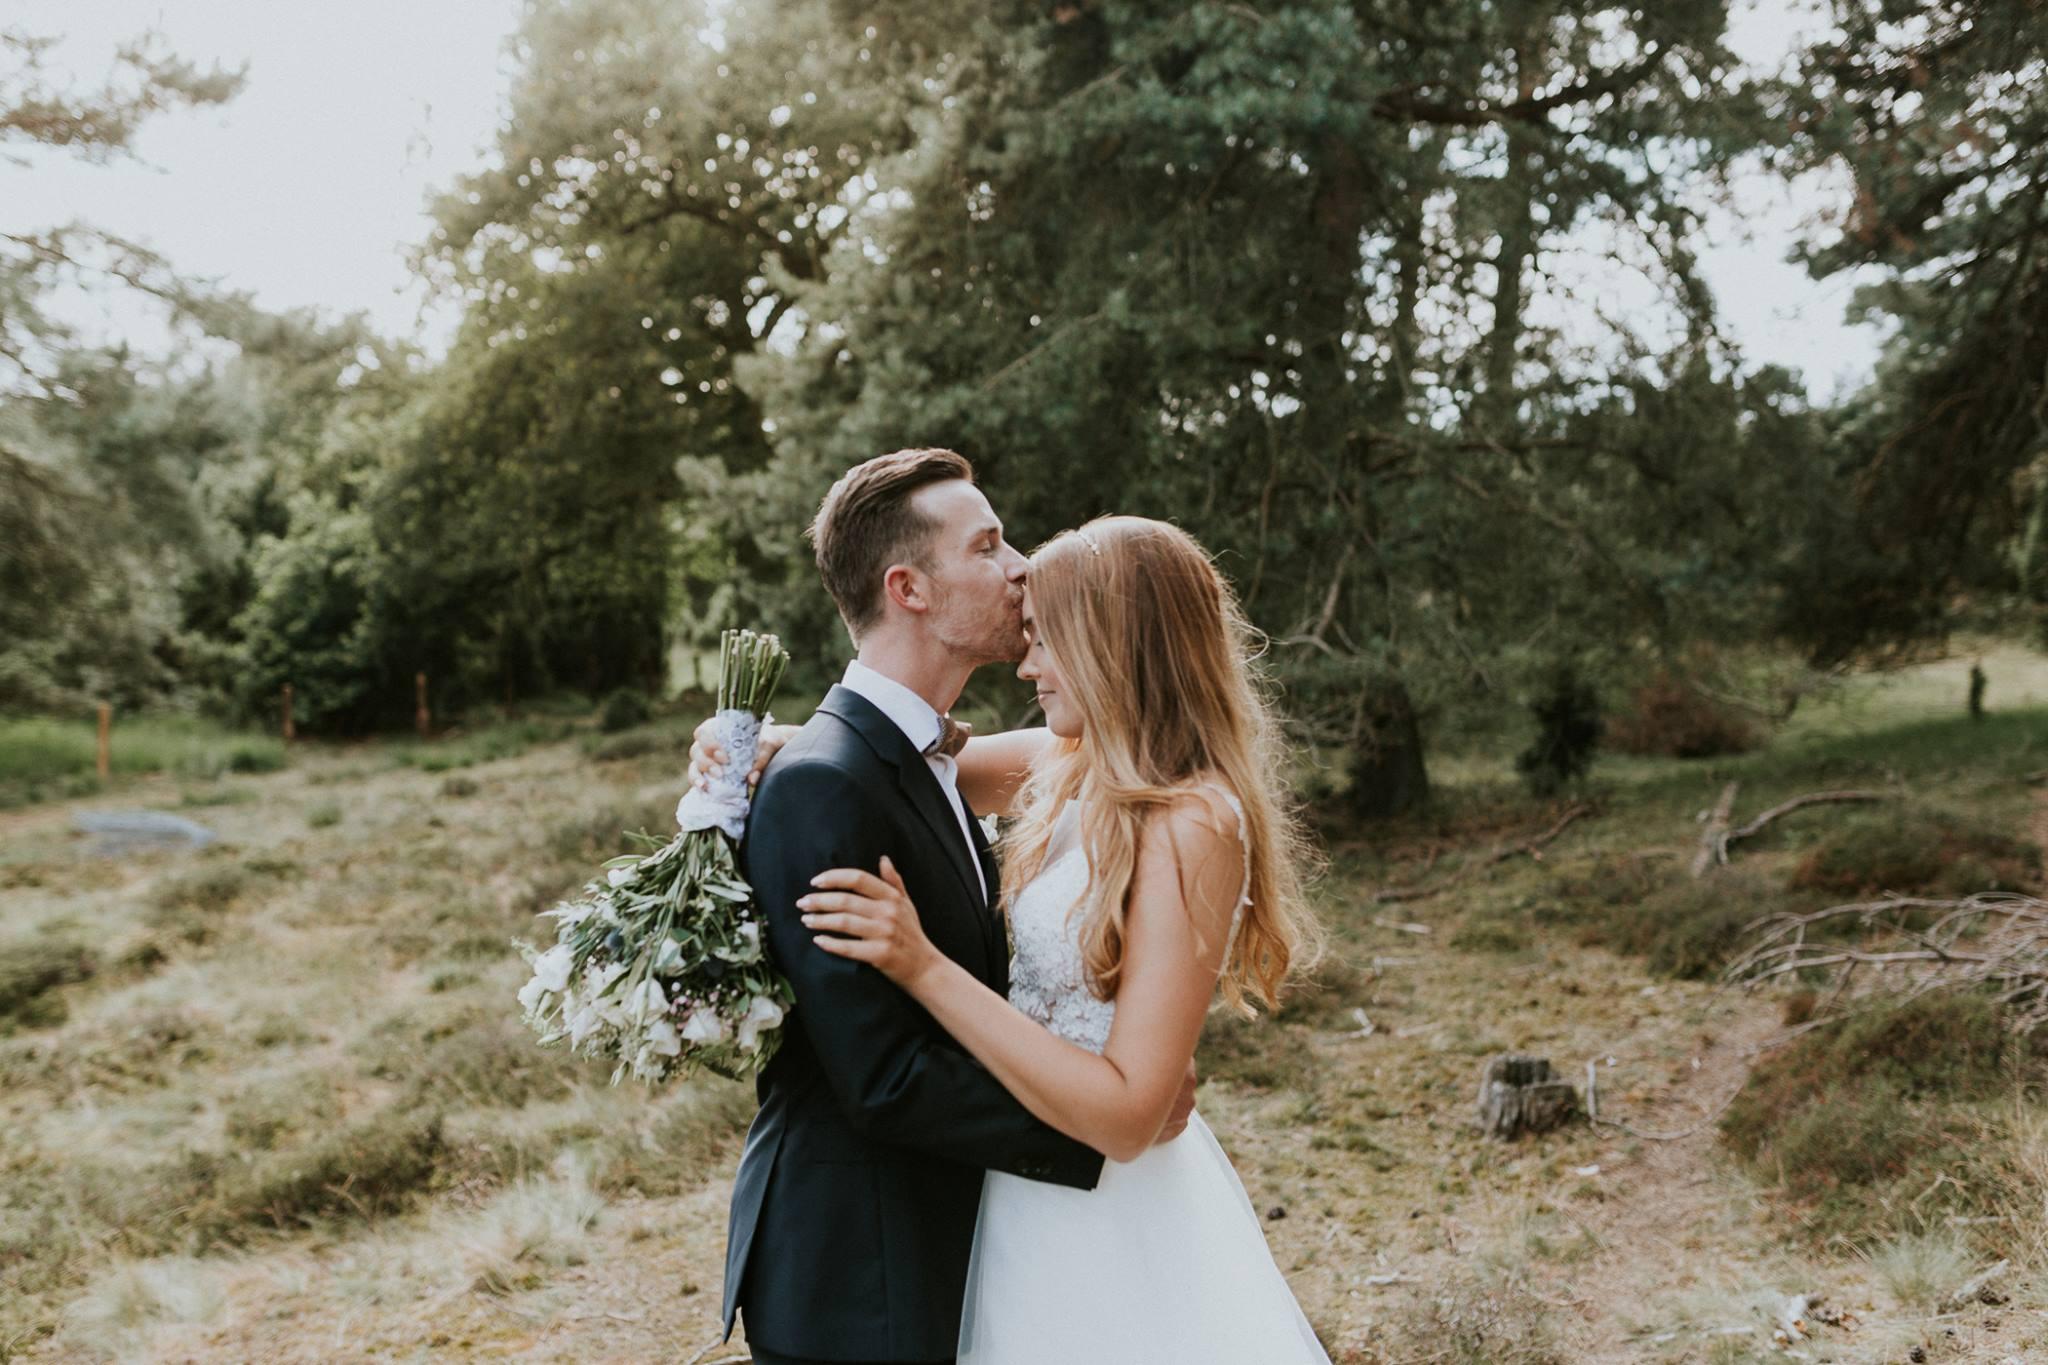 Der Bräutigam küsst seine Braut auf die Stirn. Die Braut trägt den Spitzenbody Lovely, die Schleppe Sully, sowie einen schmalen Haarreif in den offenen, langen Haaren.